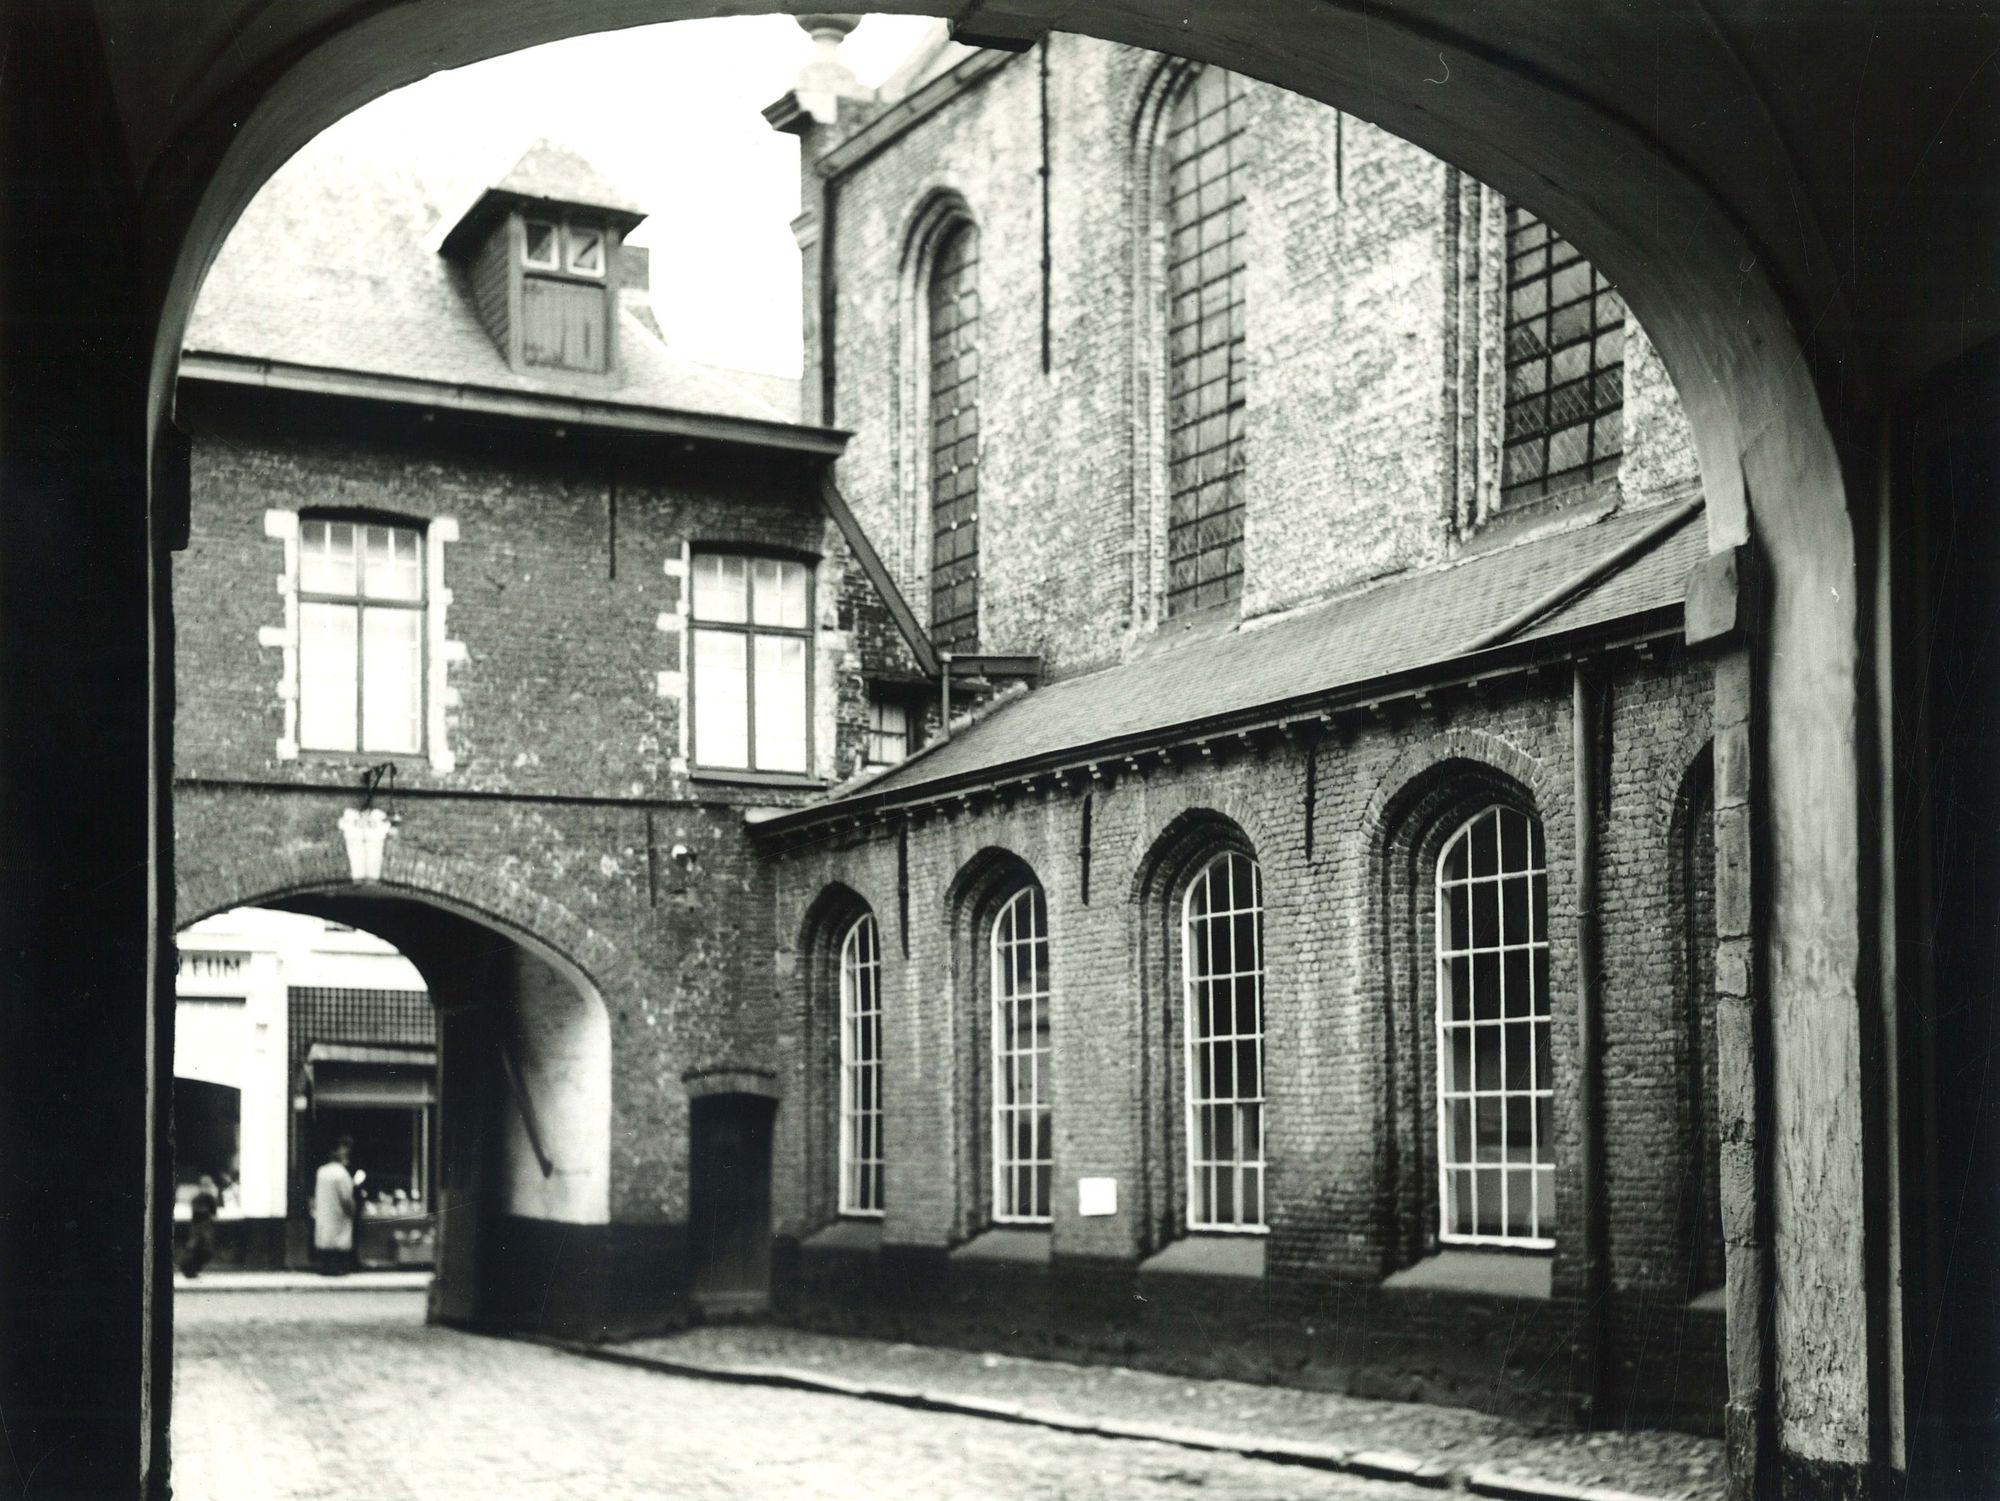 Onze-Lieve-Vrouwhospitaal 1974